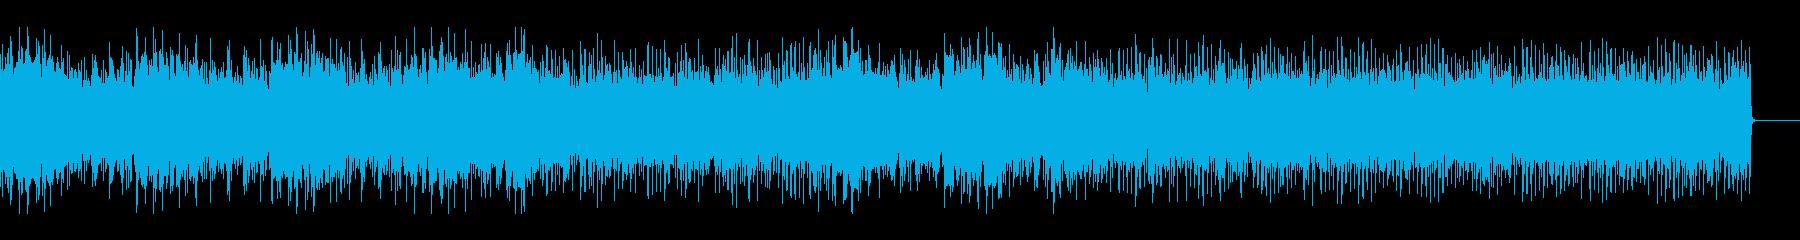 アコースティックセンチメンタル#26-2の再生済みの波形